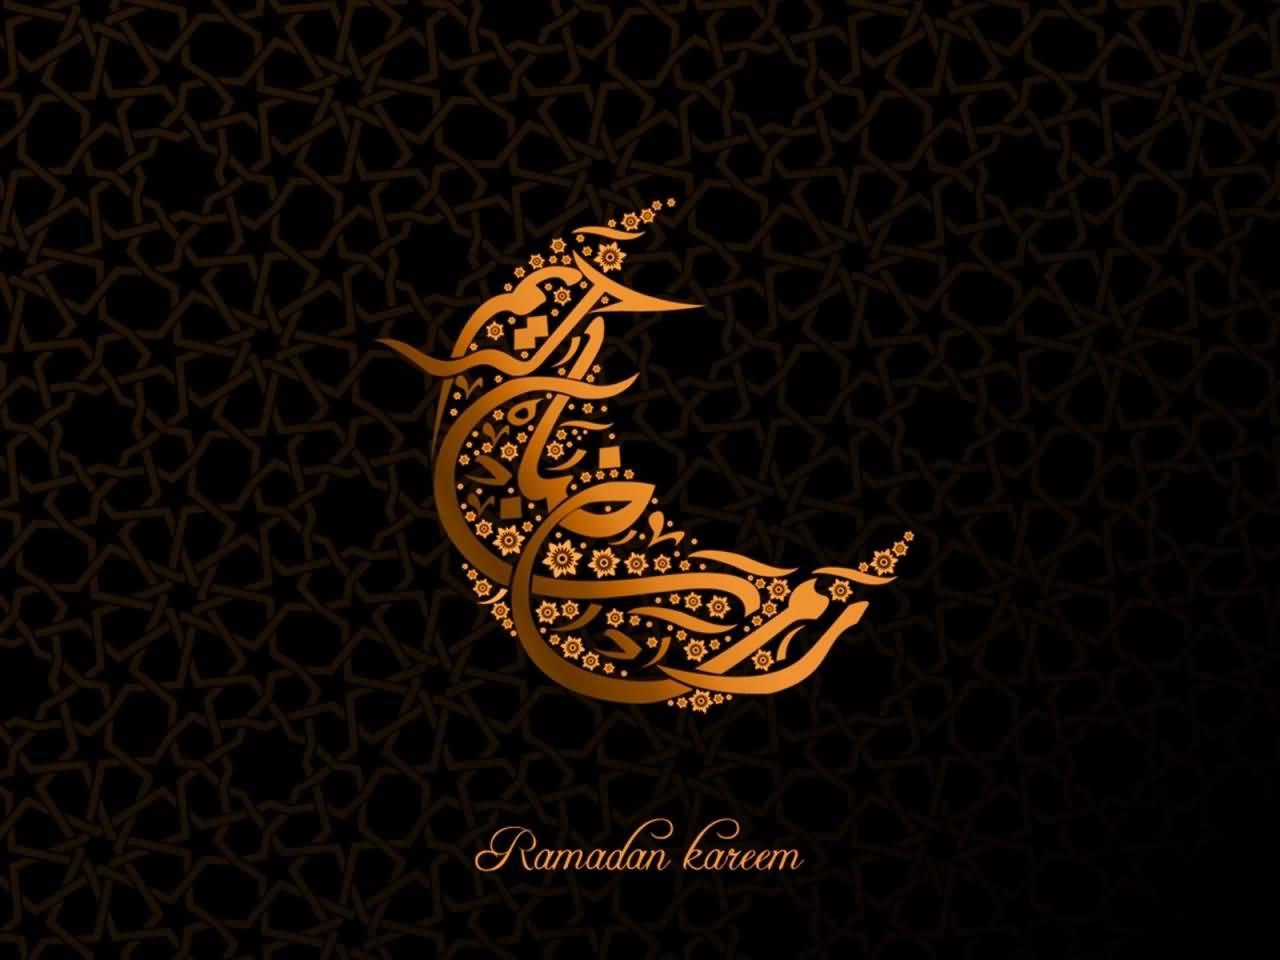 إمساكية رمضان 2016-1437 للإمارات العربية المتحدة